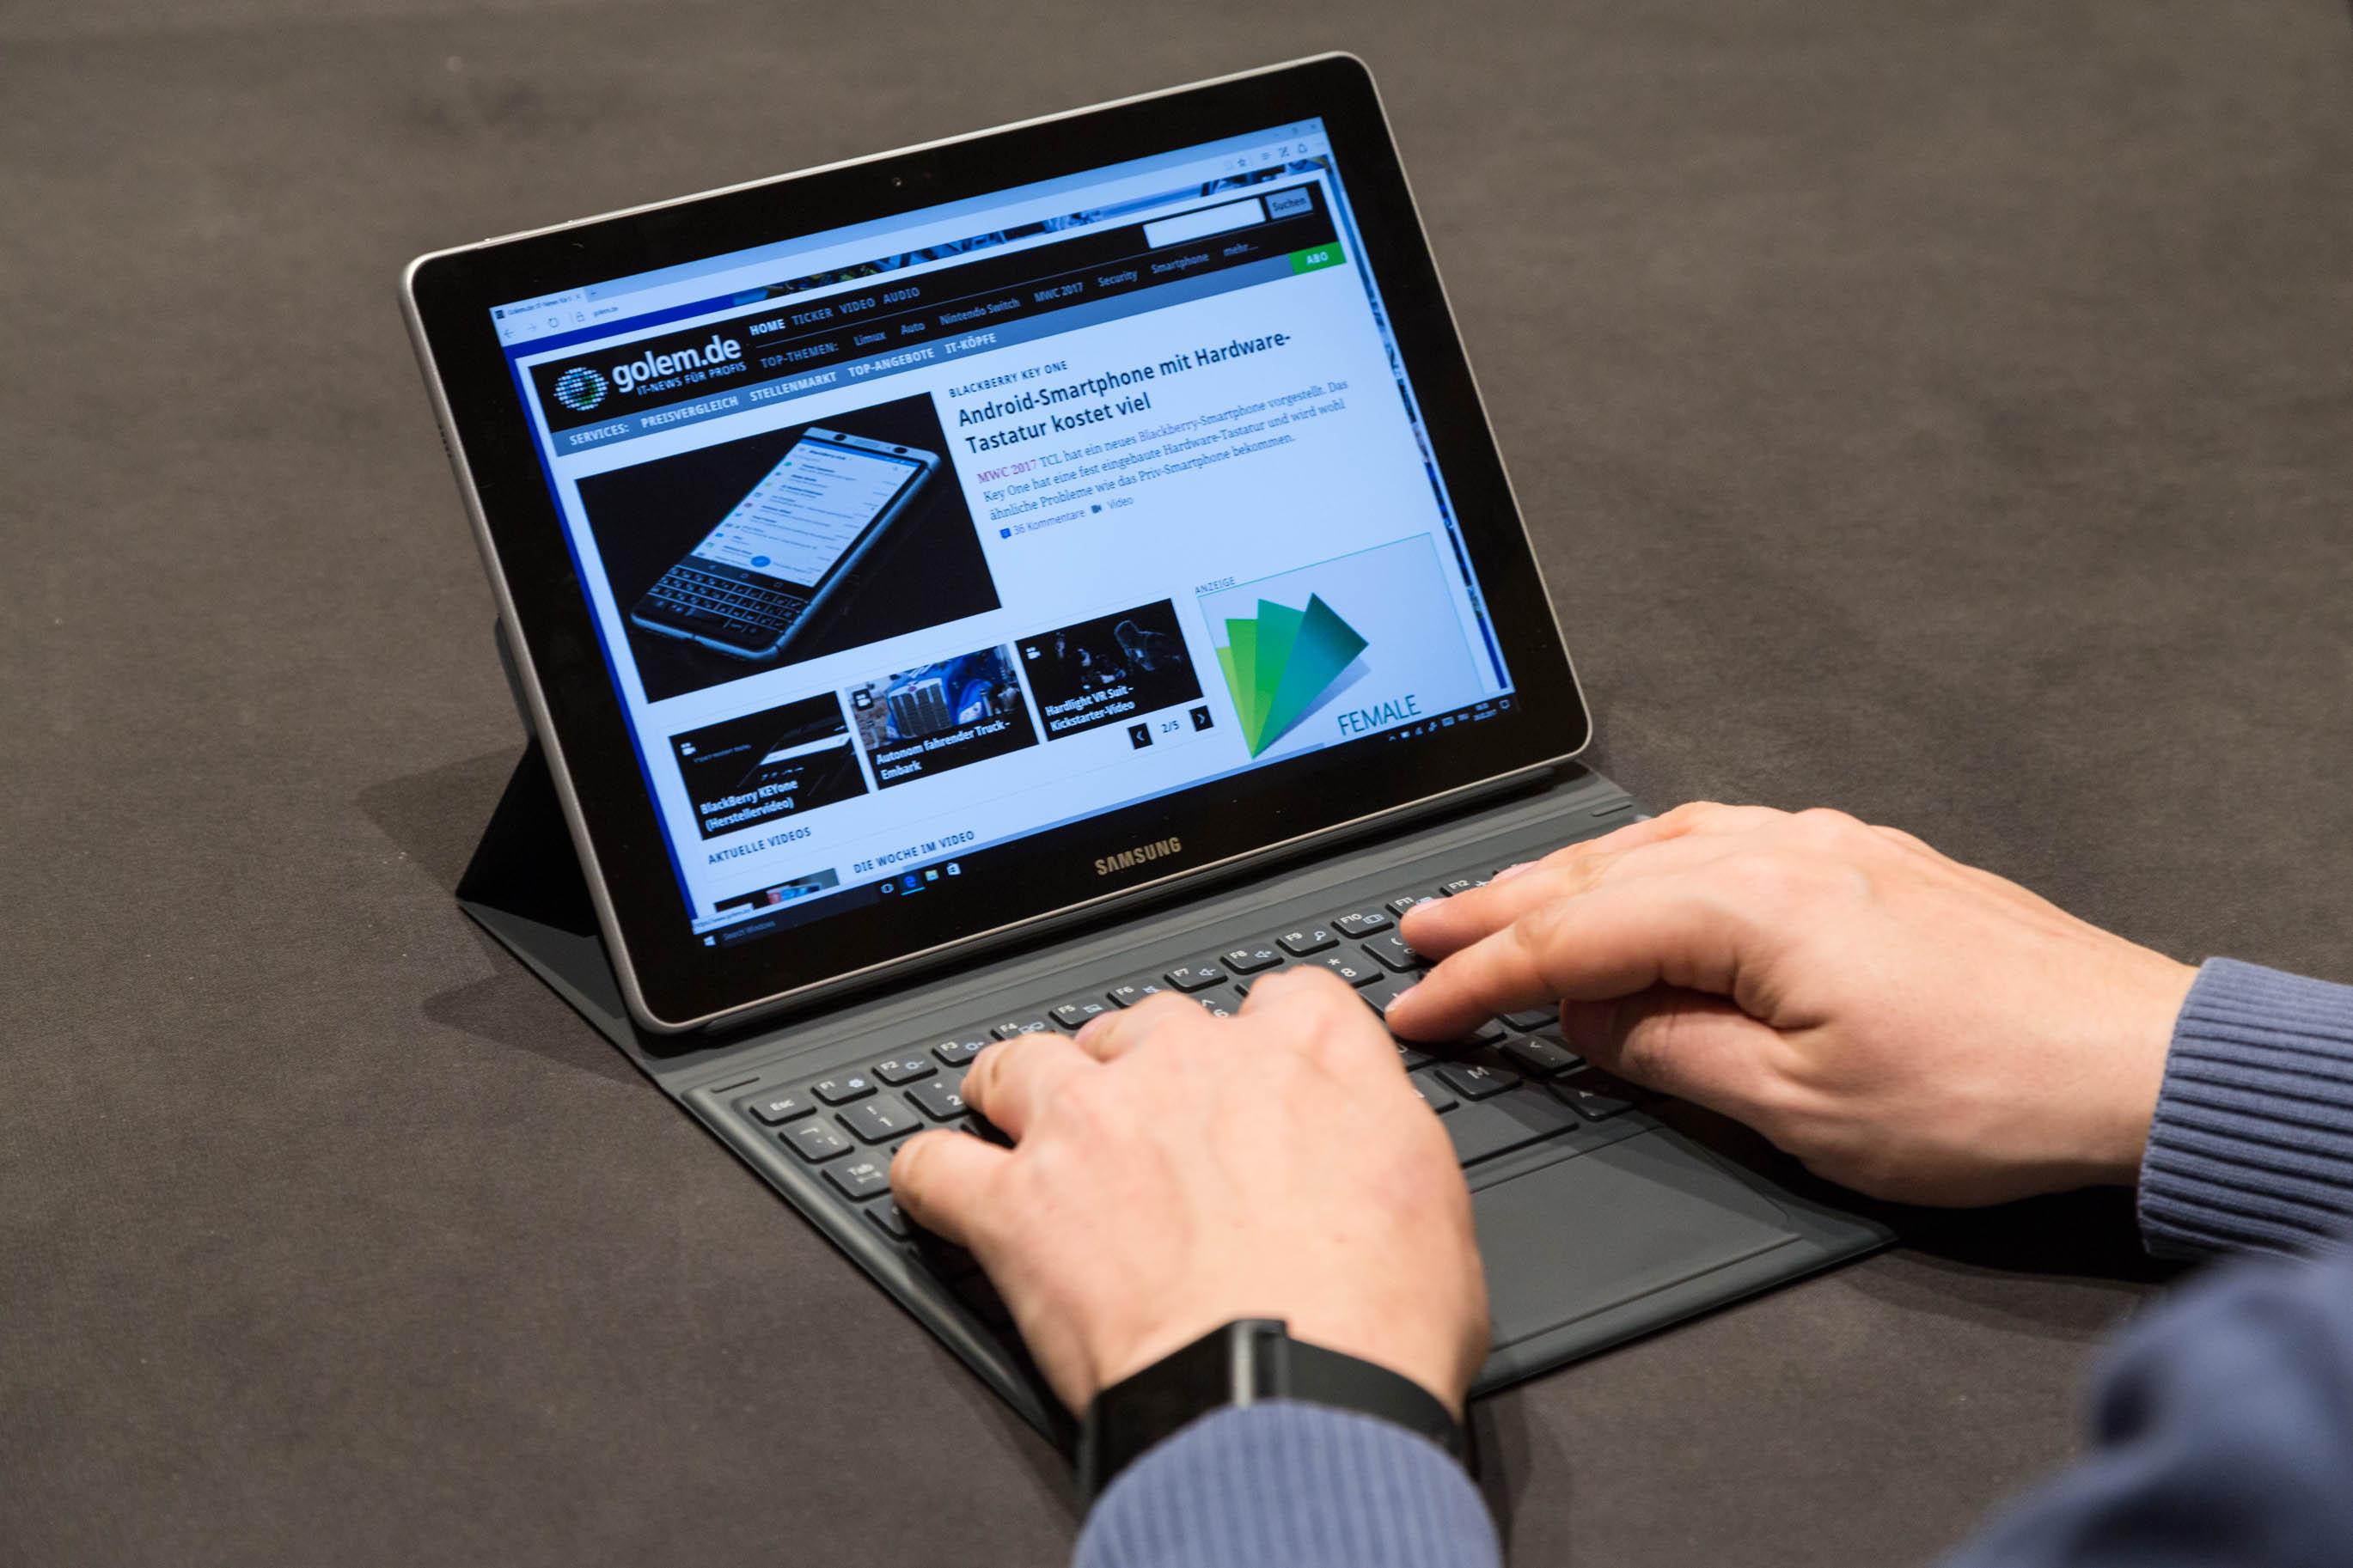 Galaxy Book im Hands on: Samsung bringt neuen 2-in-1-Computer -